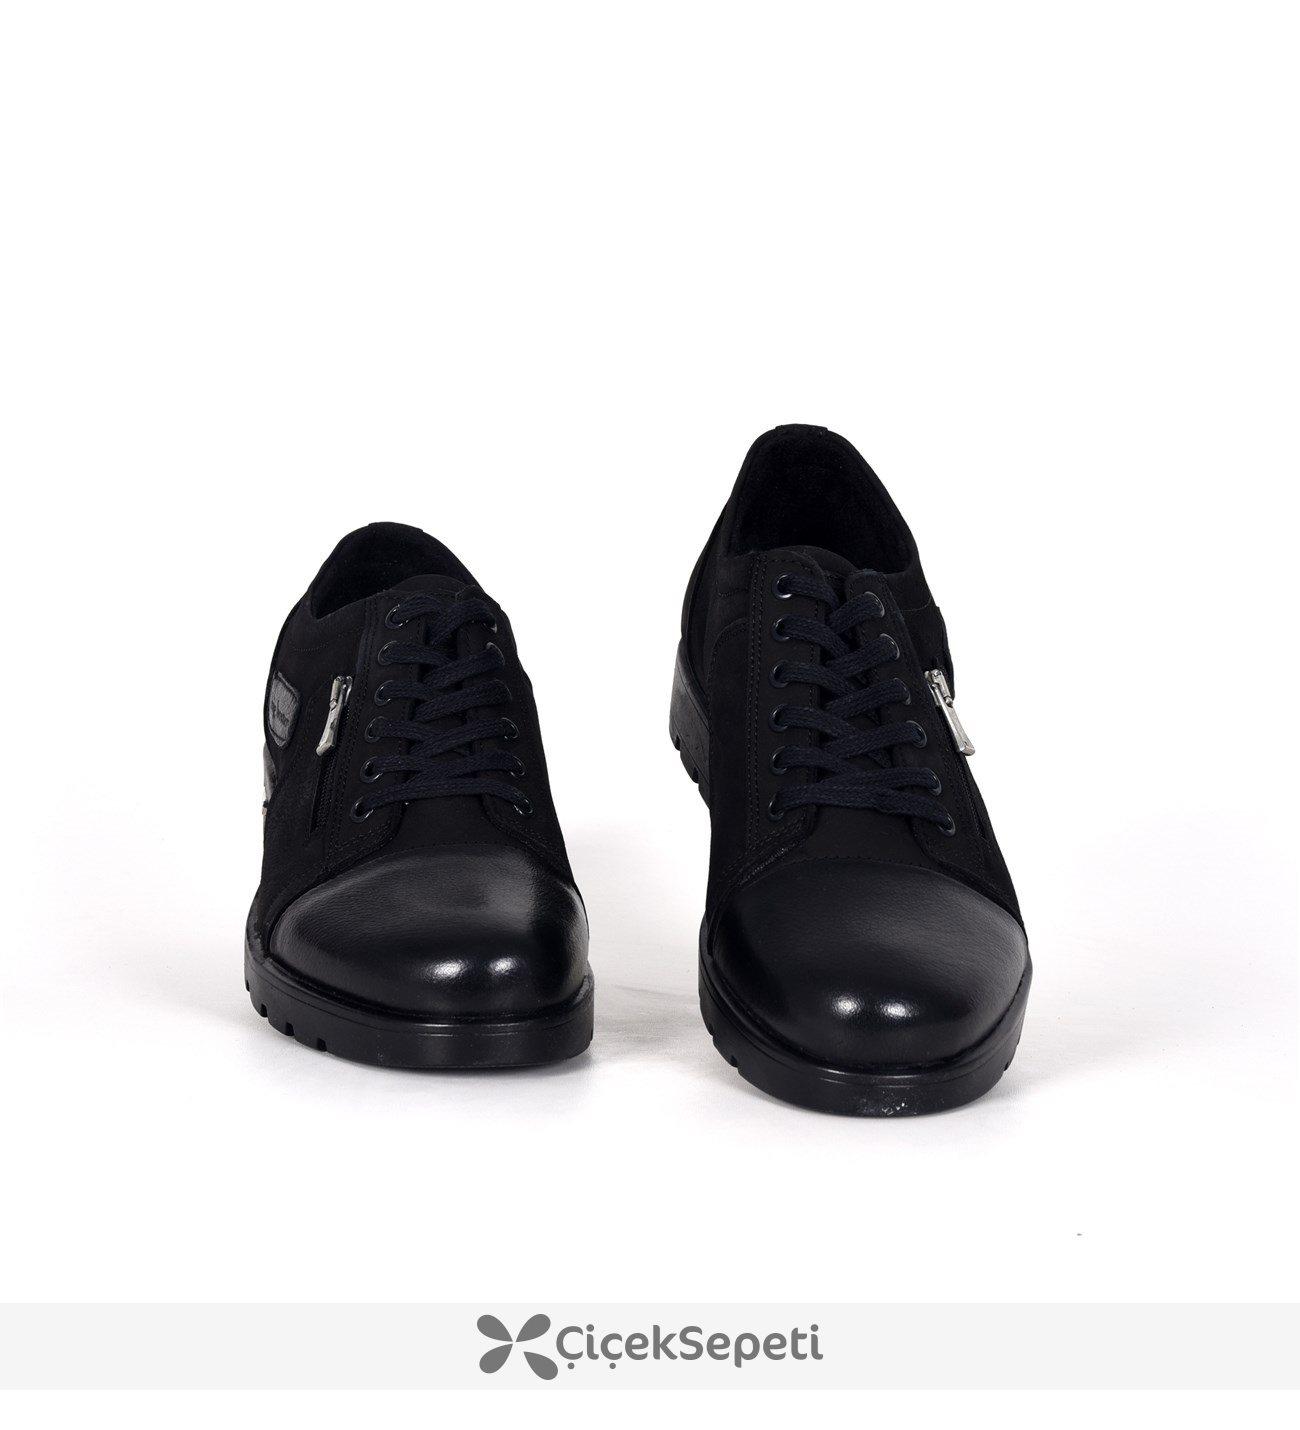 7882 Siyah Bağcıklı Nubuk Deri Kışlık Erkek Bot Ayakkabı 3690